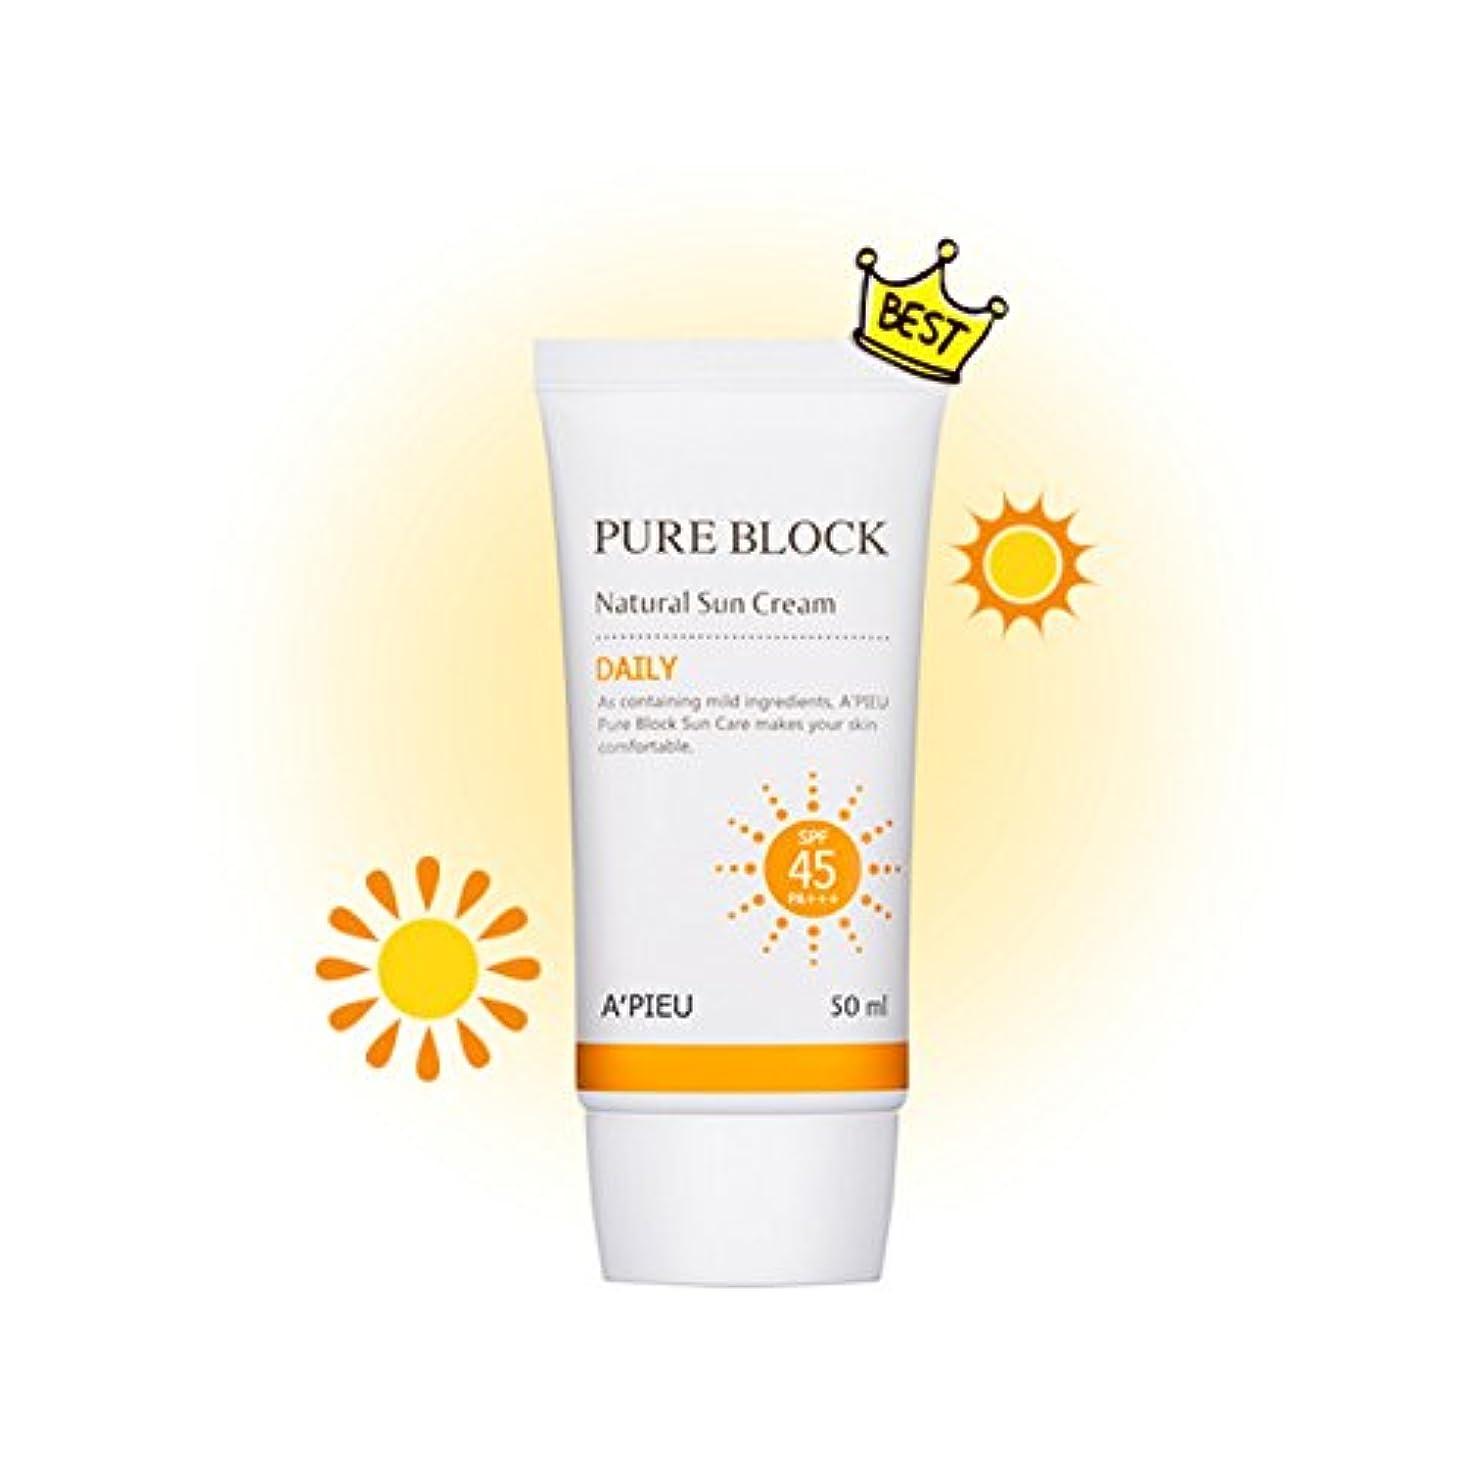 いつかゲーム困惑[オピュ] A'PIEU ピュアブロックナチュラルデイリー日焼け止め Pure Block Natural Daily Sun Cream SPF 45 PA+++ [並行輸入品]